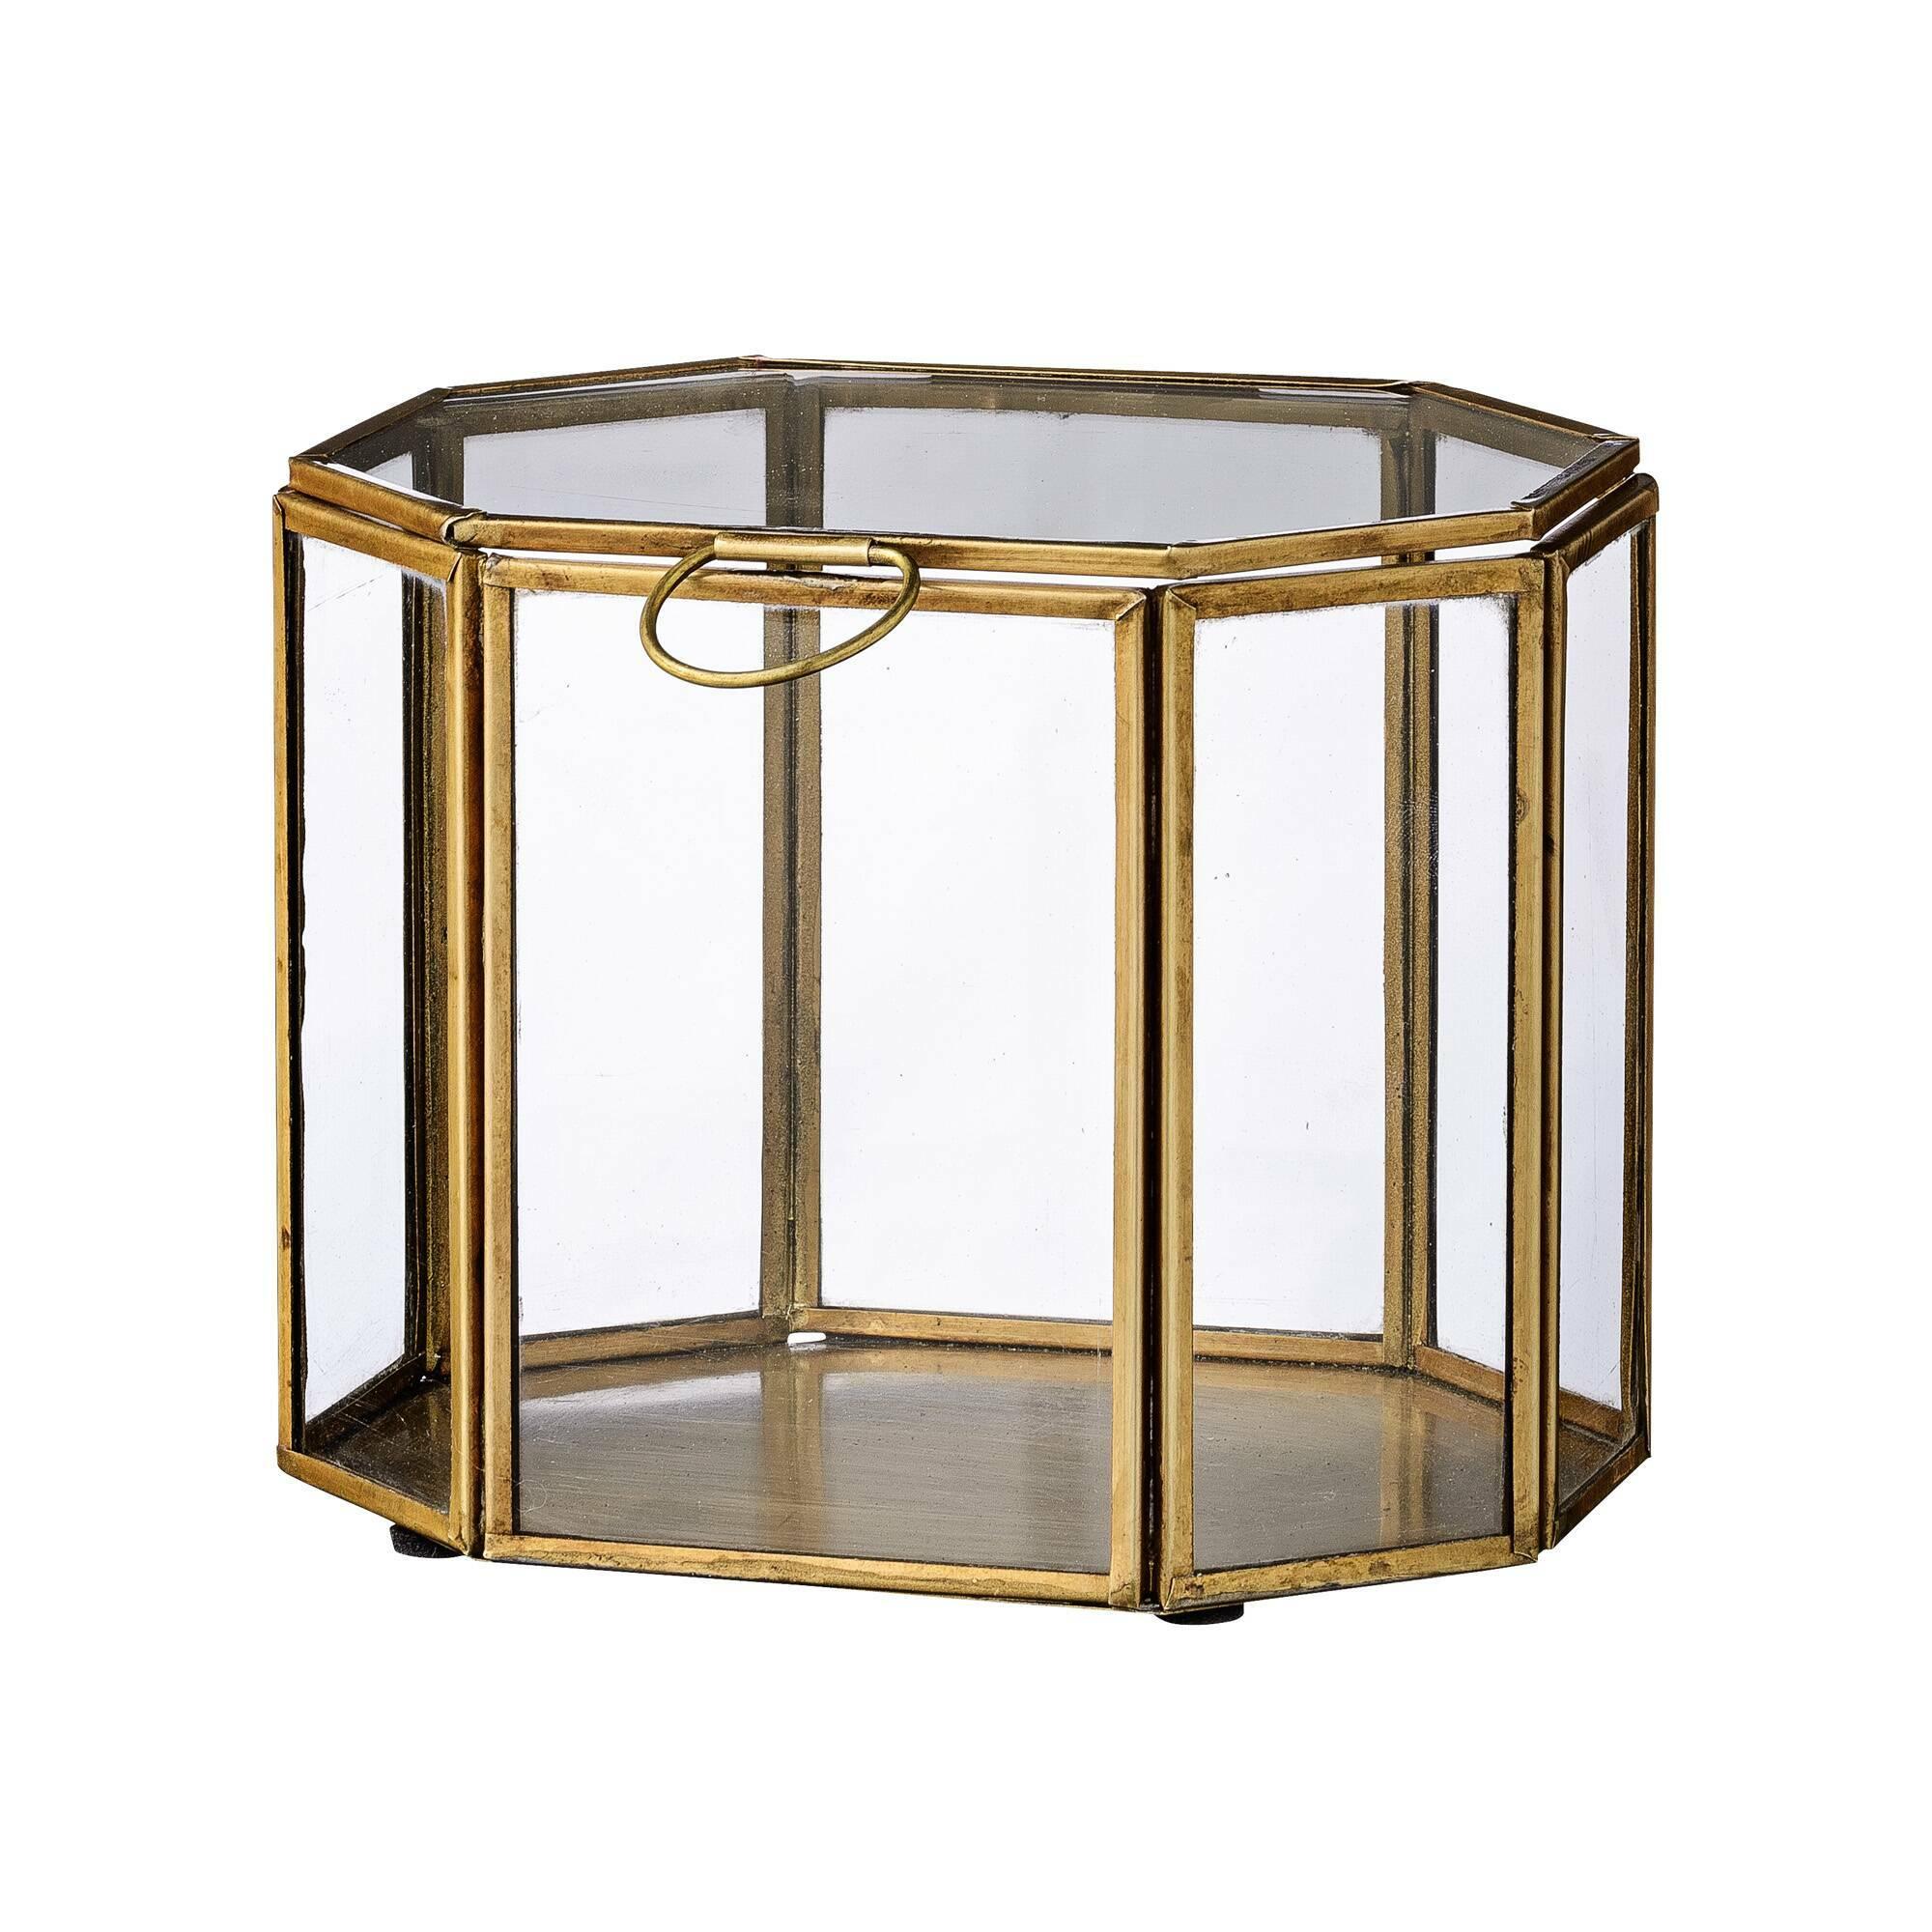 Купить Шкатулка Bloomingville латунь/стекло, Золотой, Стекло